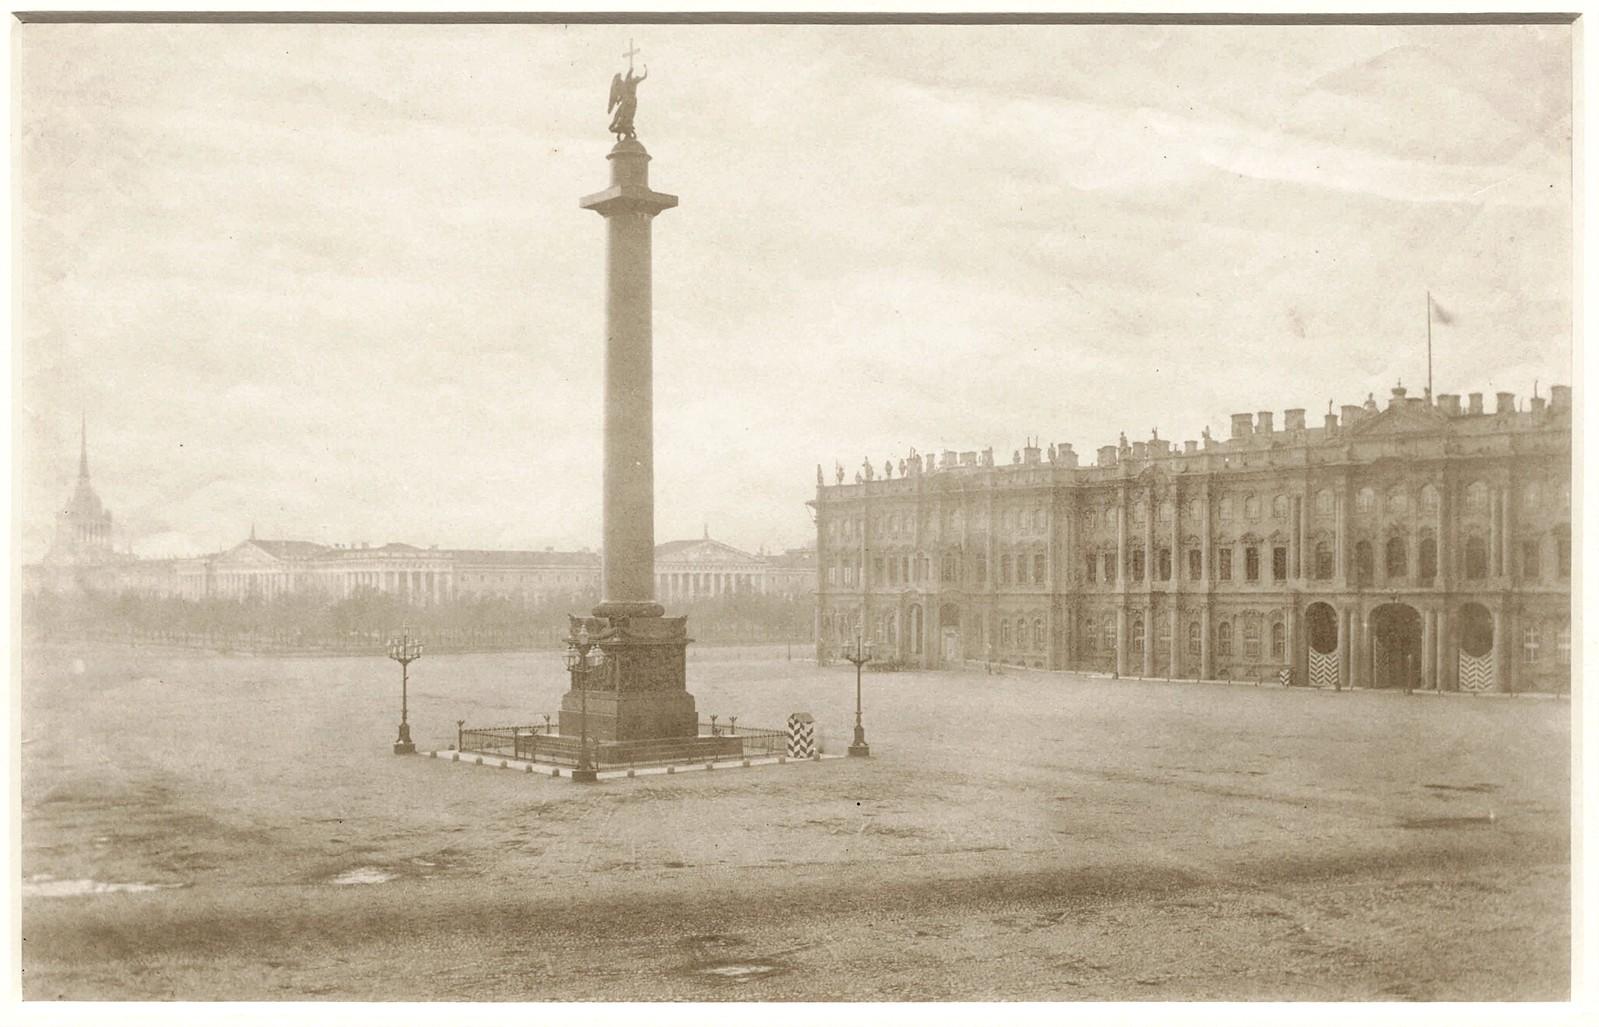 Дворцовая площадь с Зимним дворцом и Александровской колонной. 1850-е (до 1855)